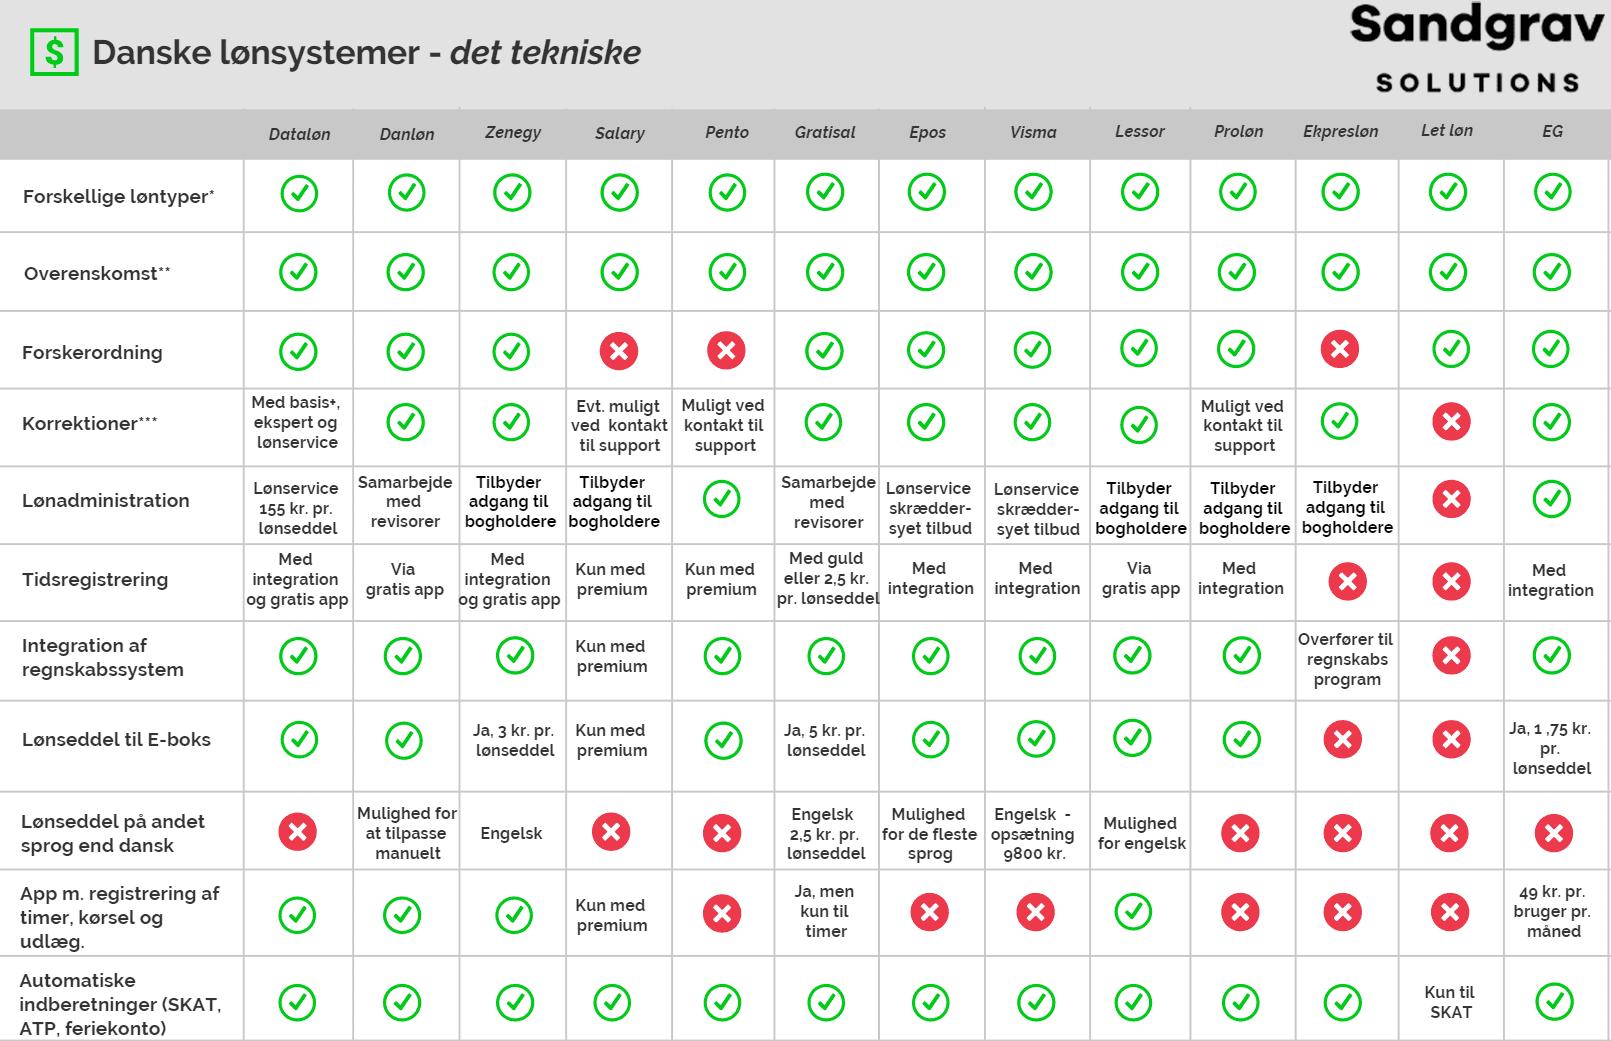 Sammenligning af danske lønsystemer på deres tekniske funktioner